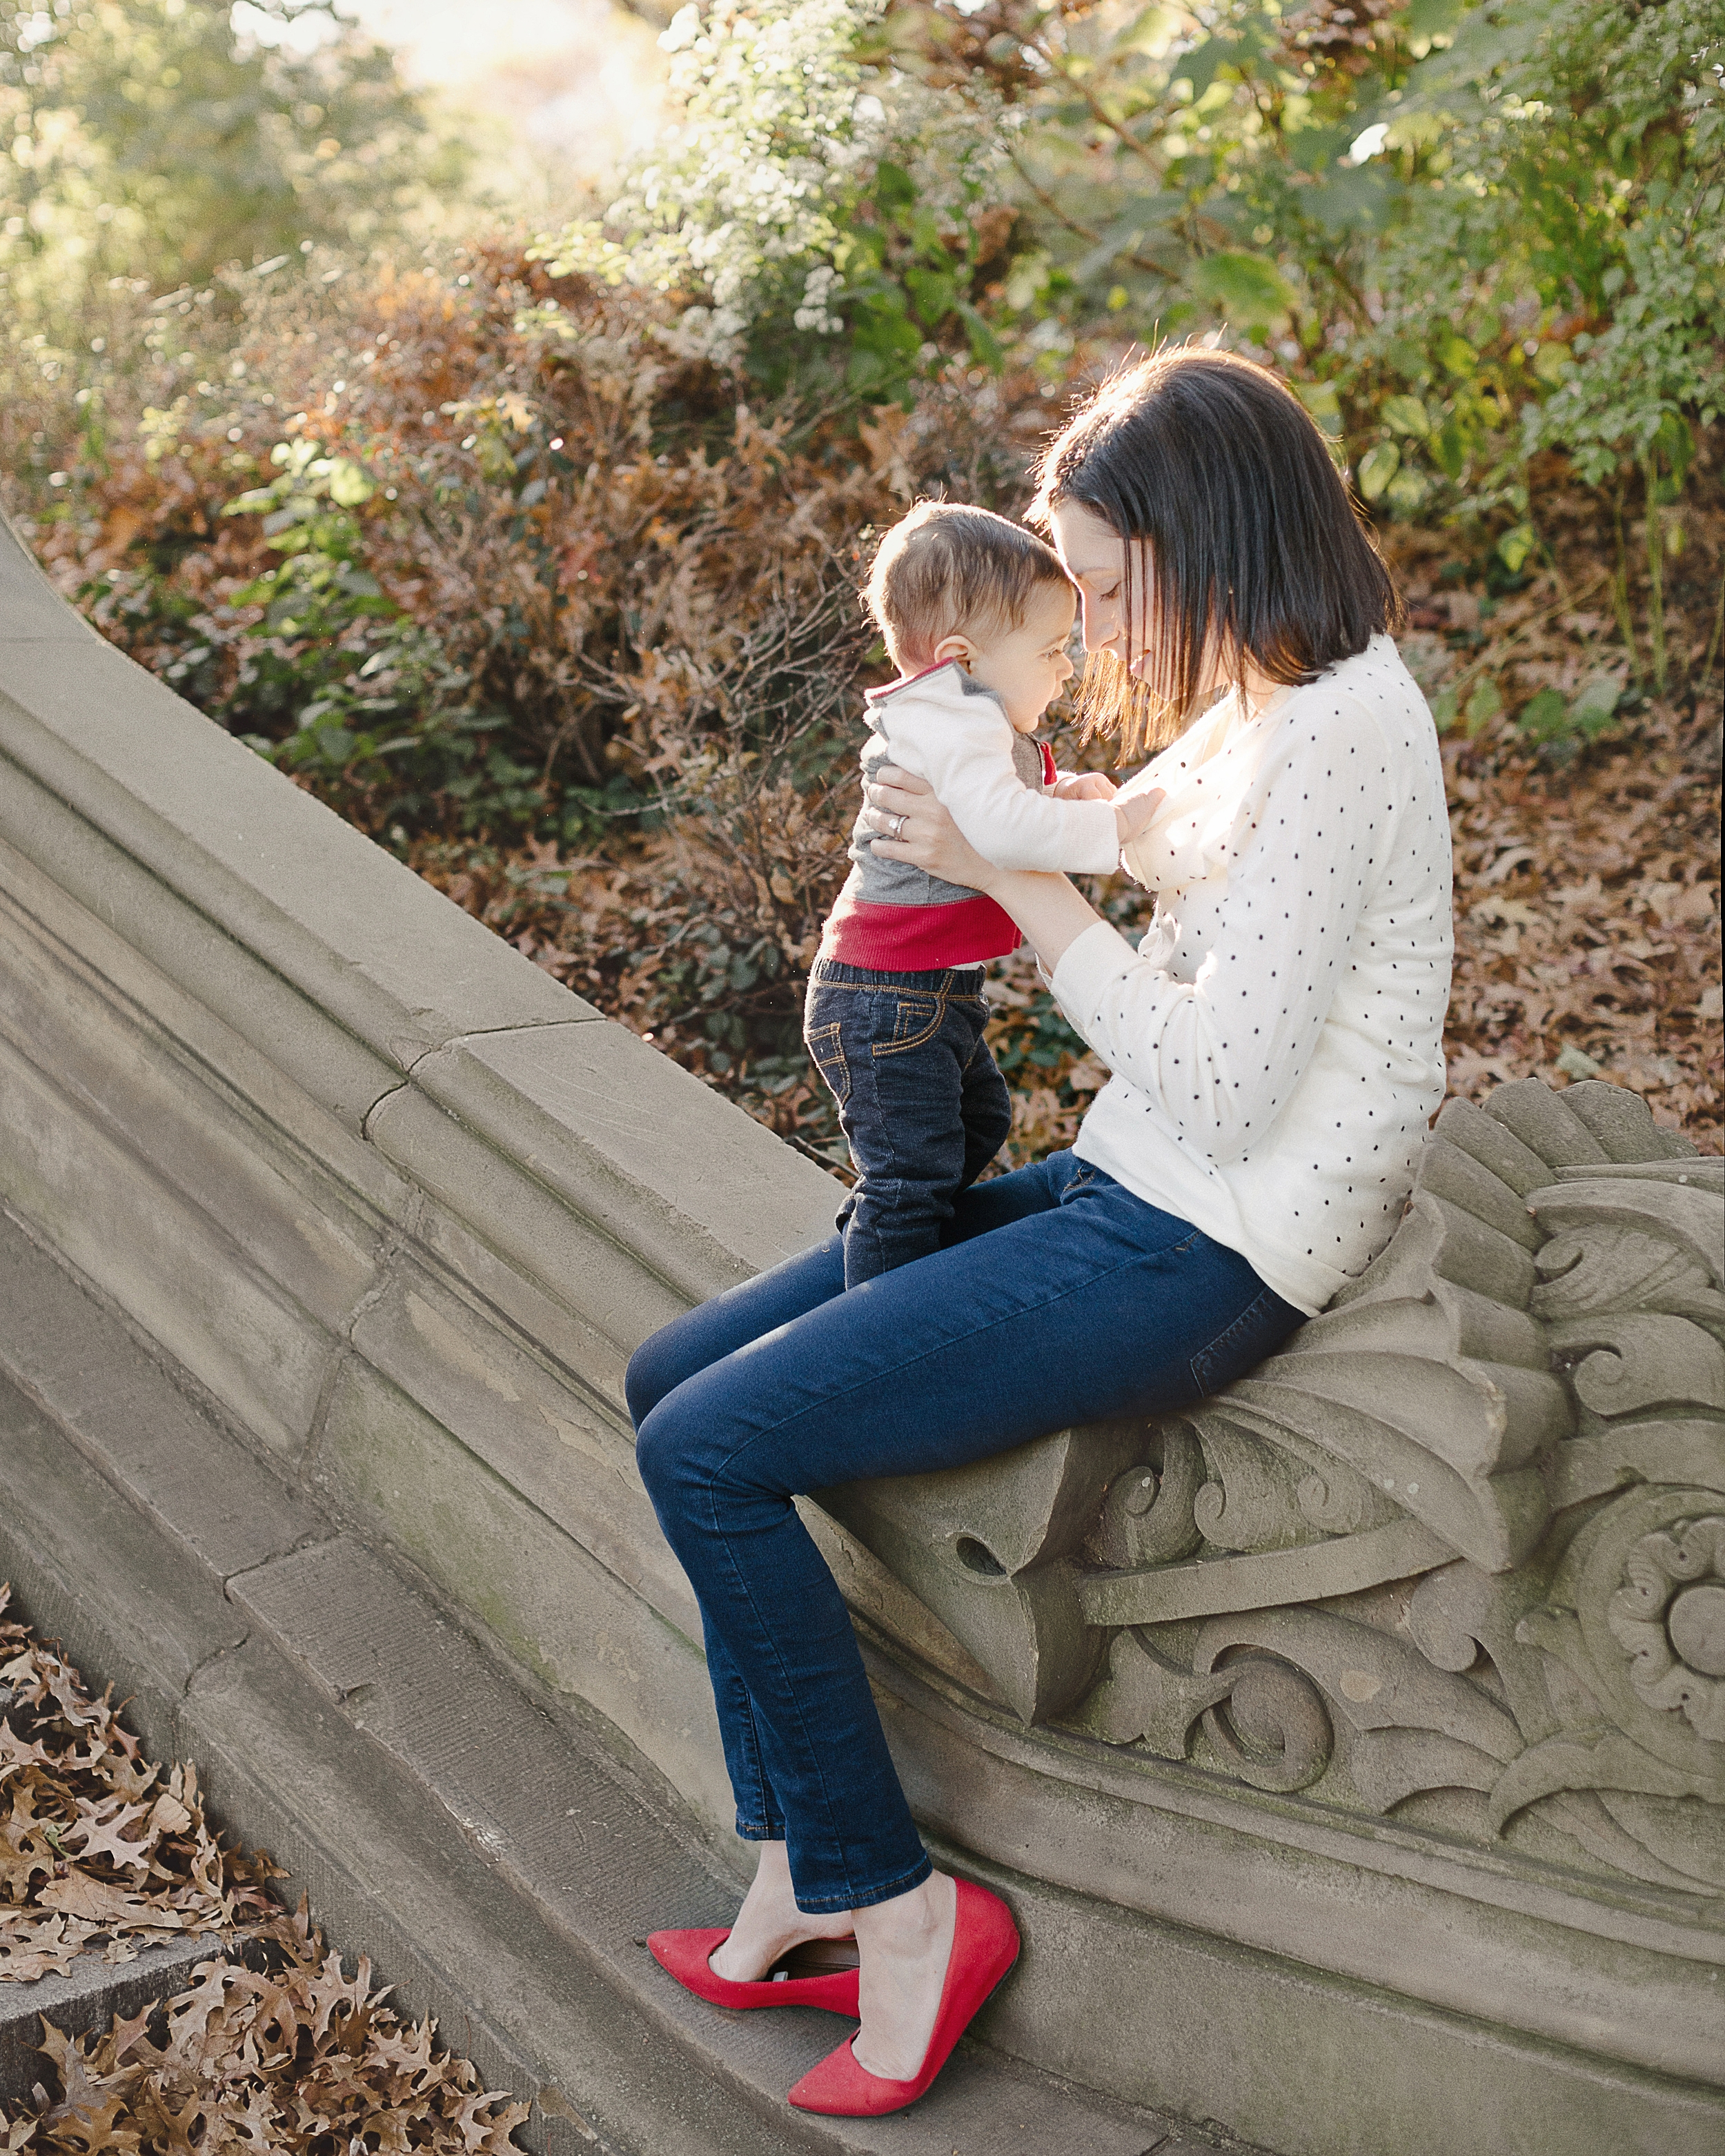 Central Park - Family Portrait Photography